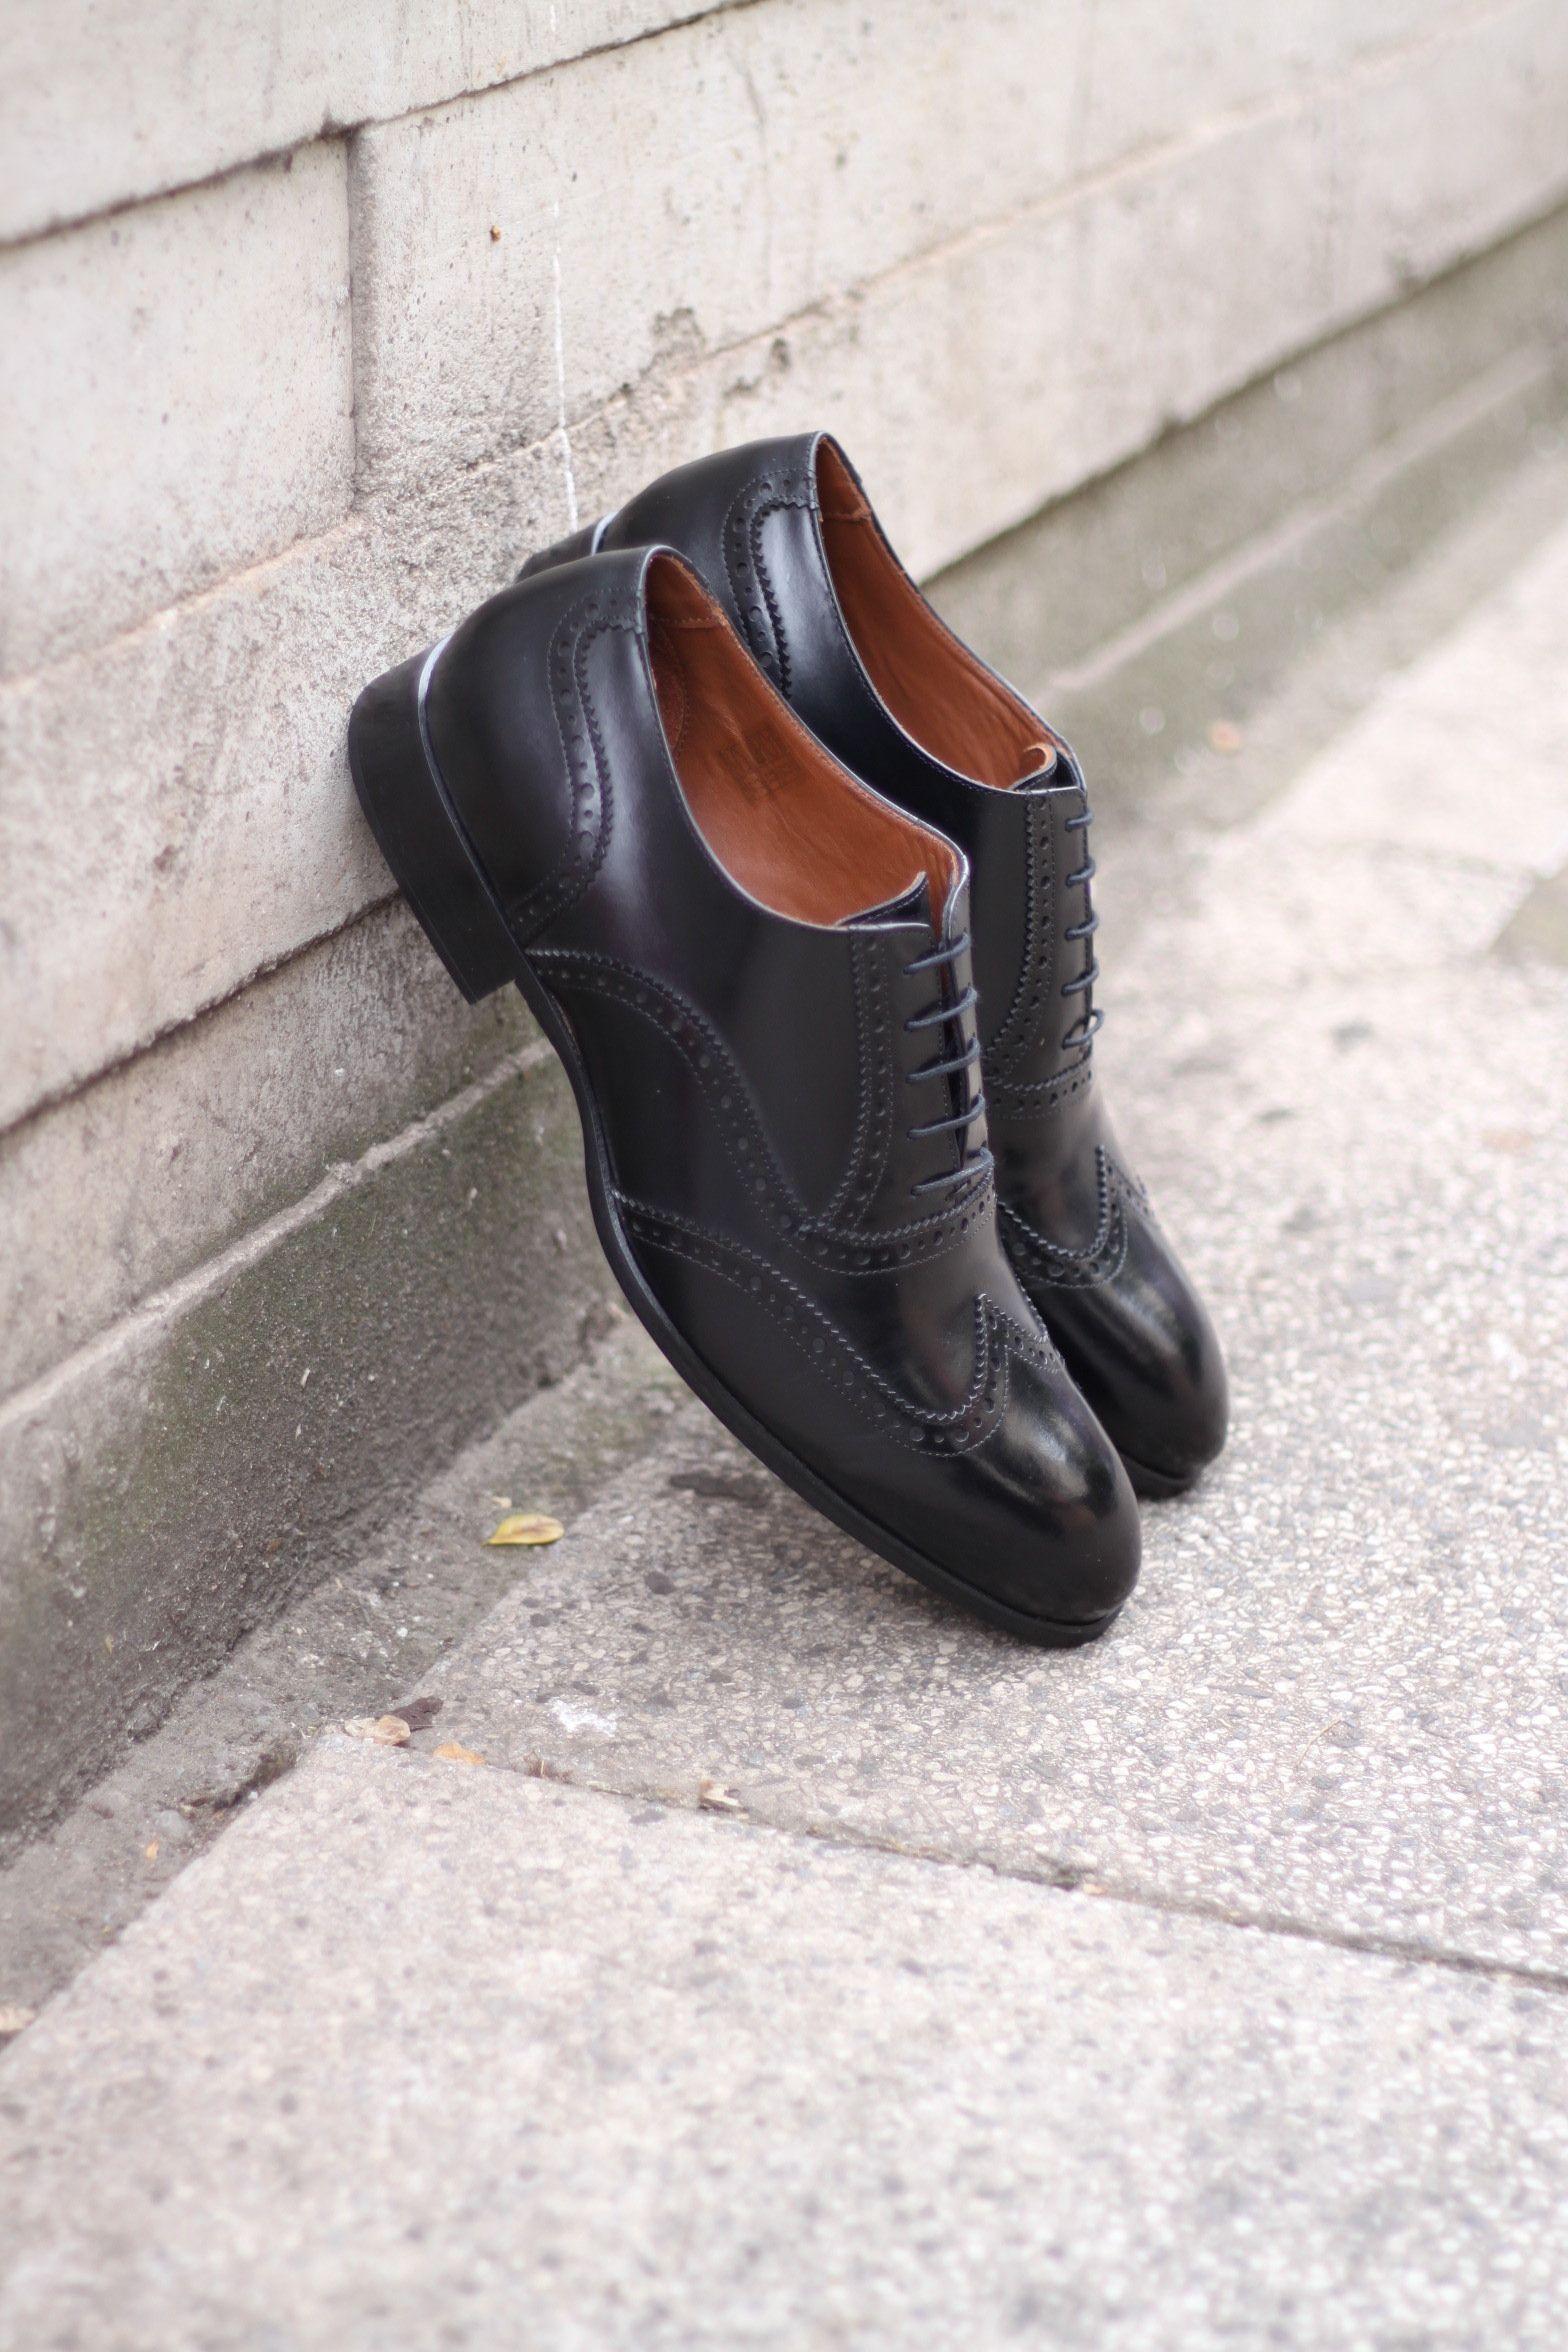 93f6d65974 Sapato Social Masculino Oxford CNS Andrew 02 em Couro preto com sola de  couro e forro em couro.  cns  cnsmais  sapato  social  oxford  brogue   menshoes ...